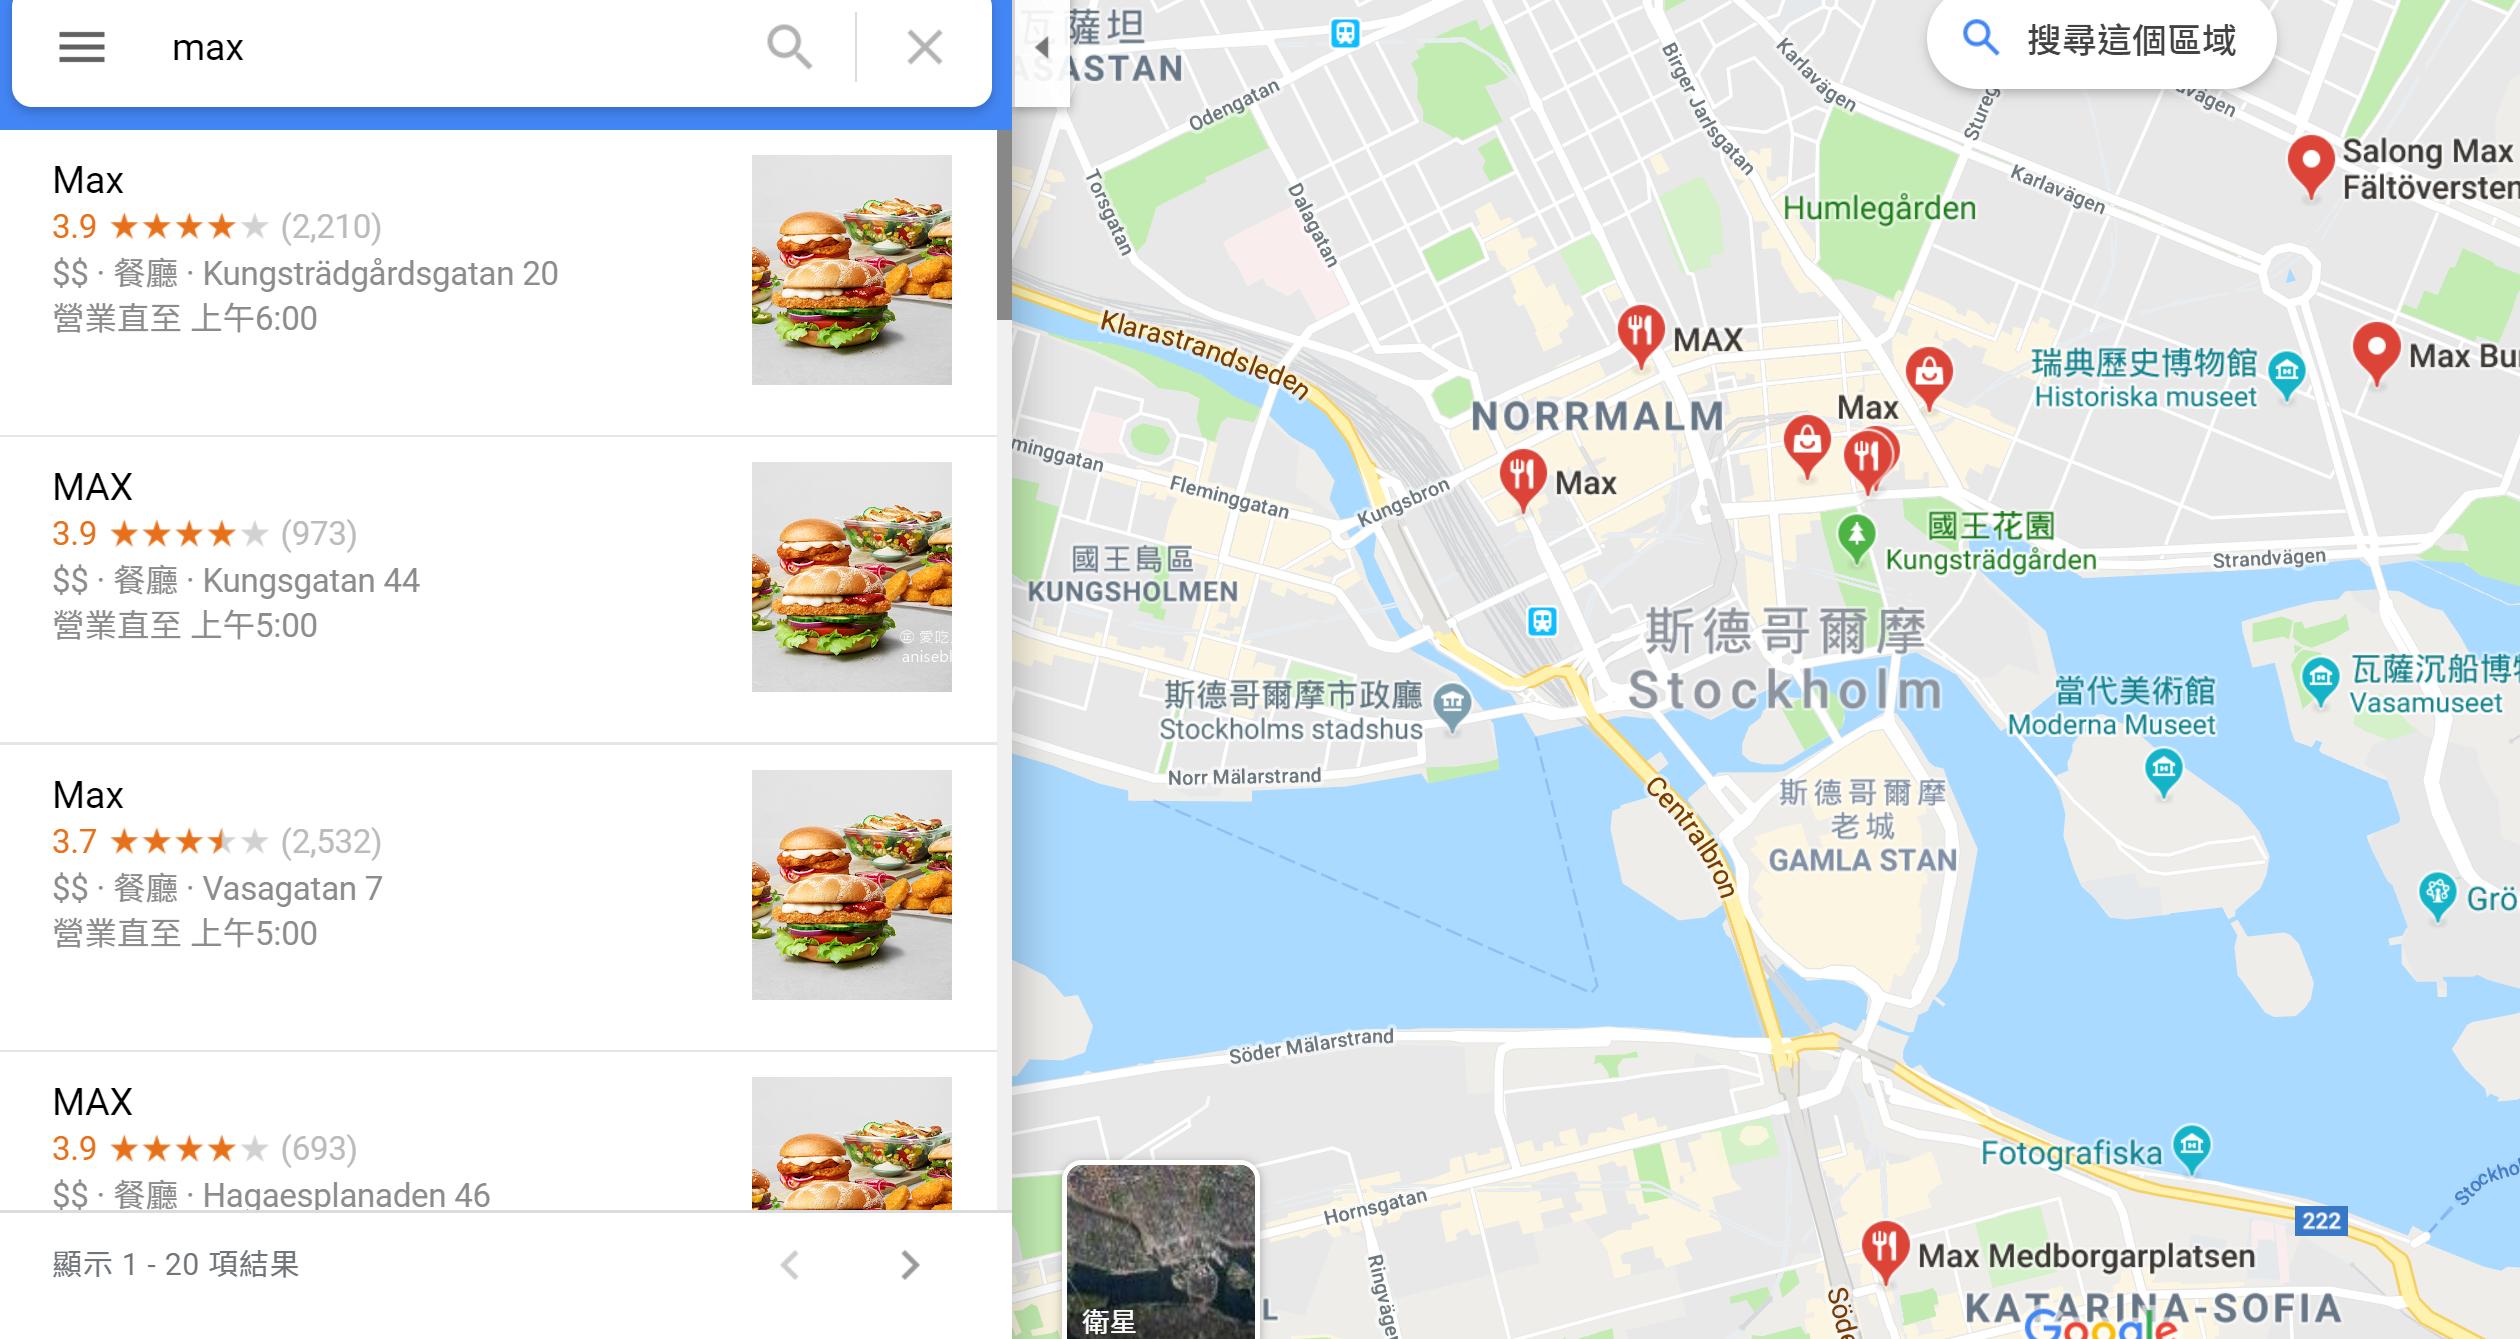 斯德哥爾摩平價美食 – 速食、咖啡店篇